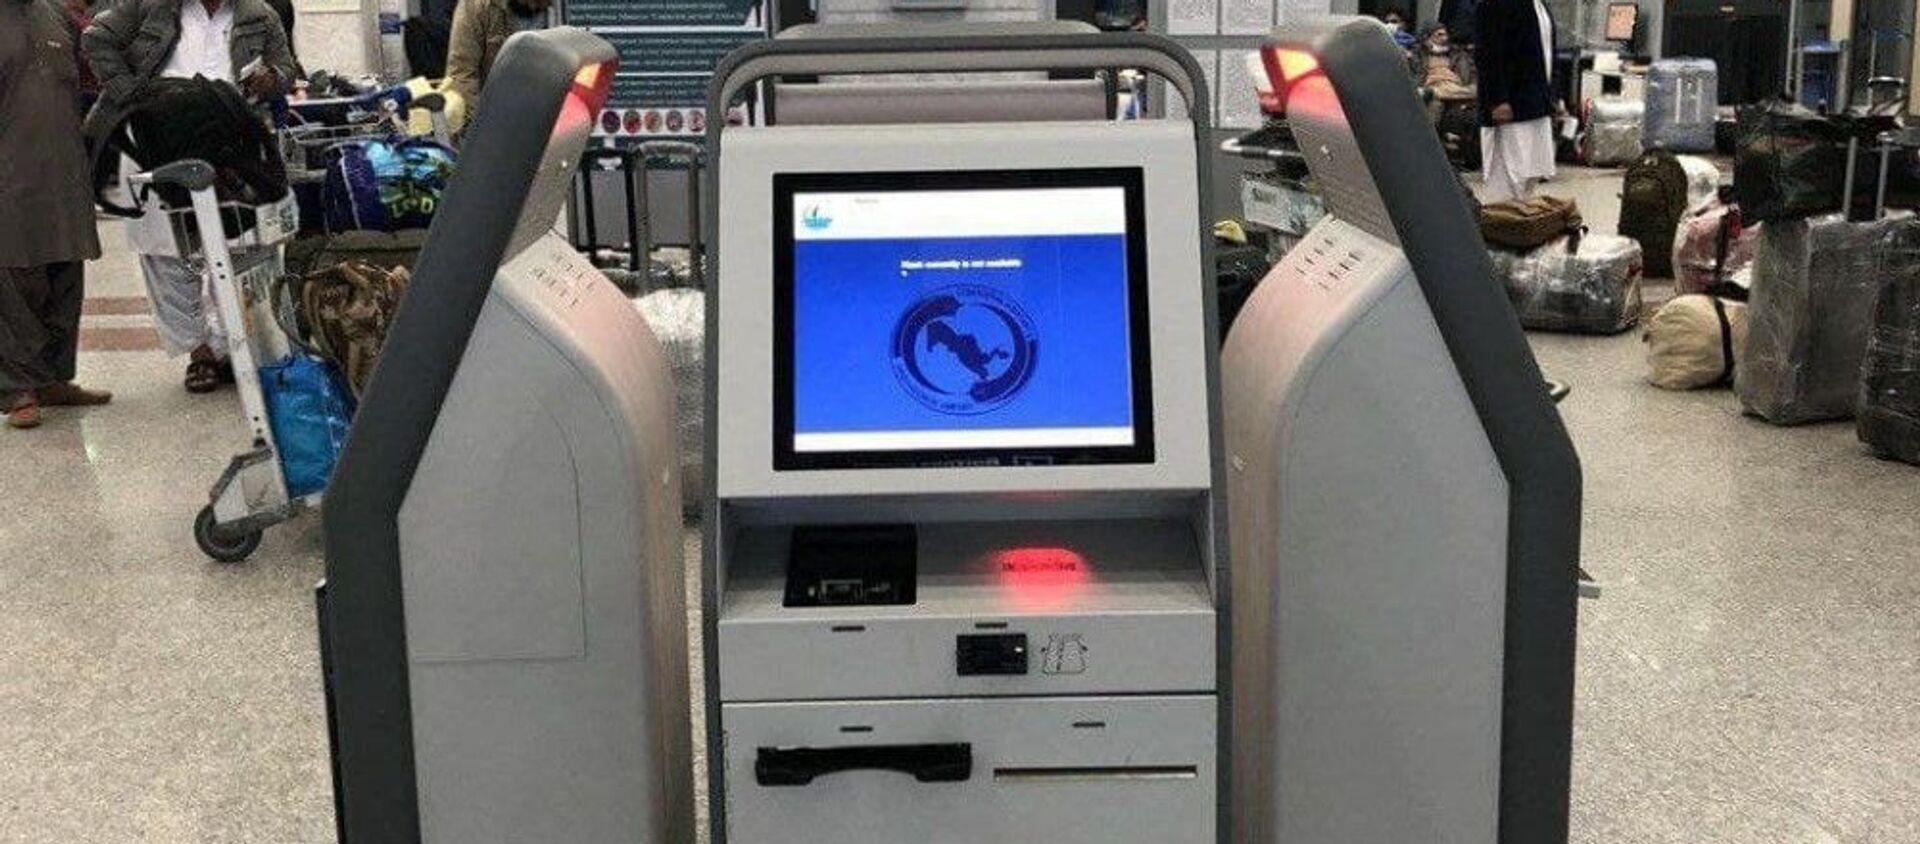 В  аэропорту Ташкента установили киоски для самостоятельной регистрации - Sputnik Узбекистан, 1920, 01.12.2020